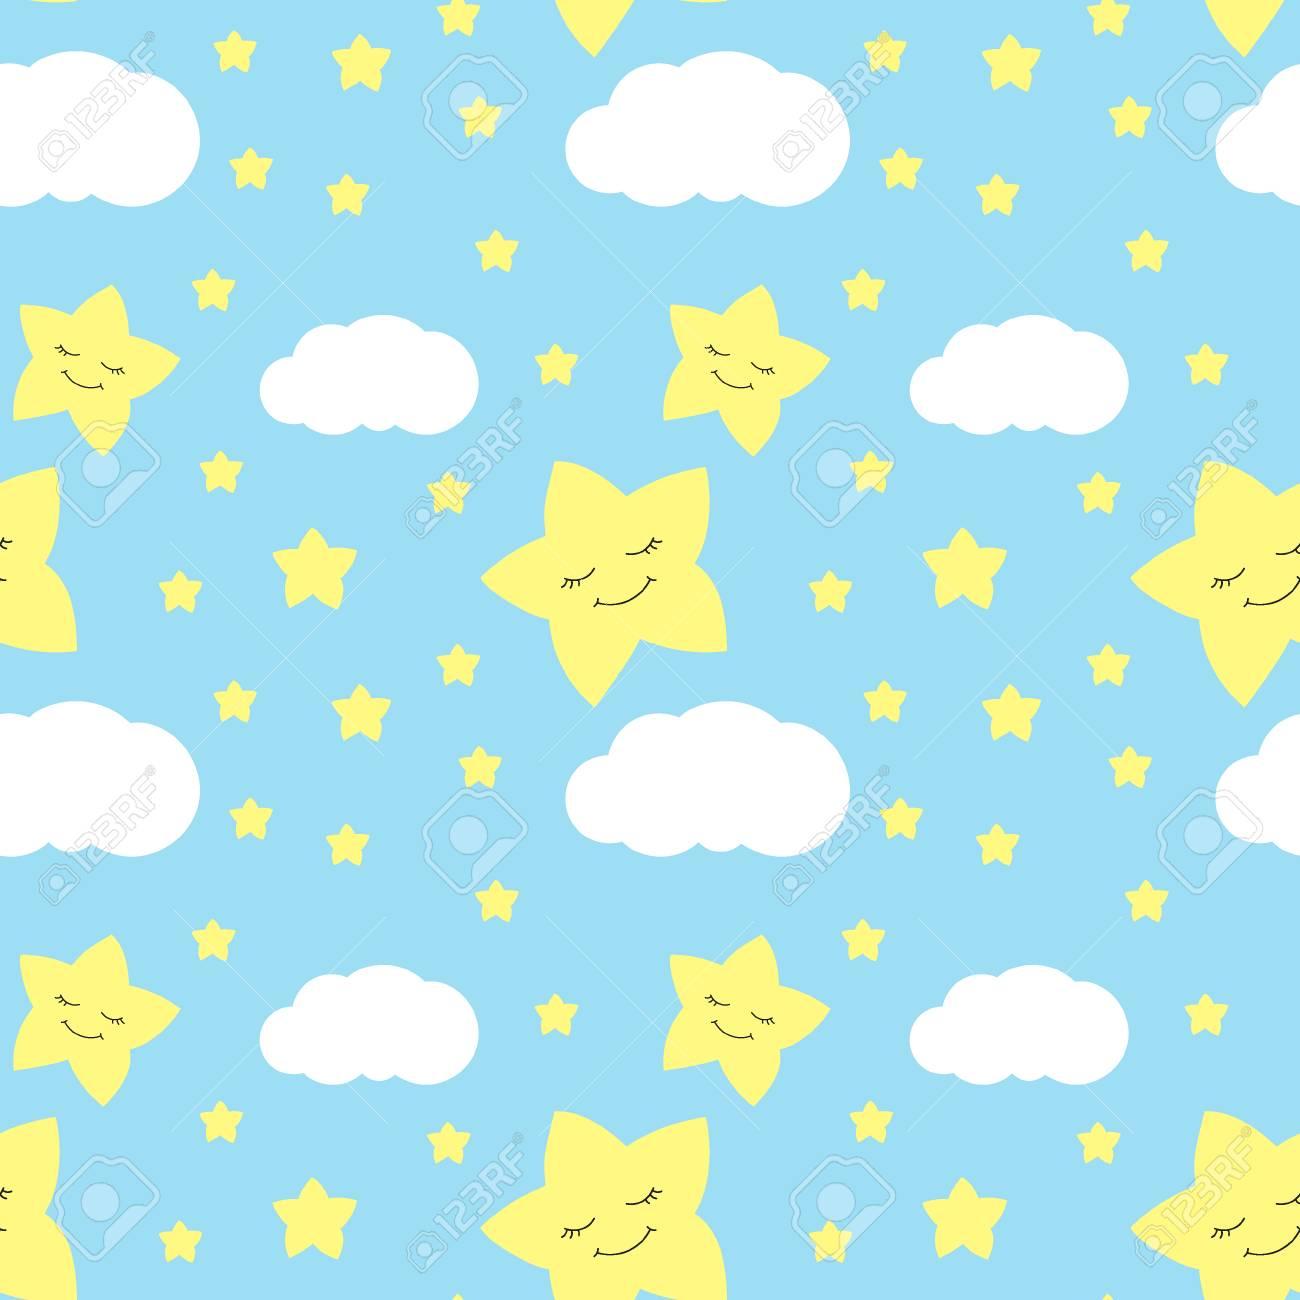 かわいい赤ちゃん星のパターン ベクトルのシームレスです 印刷まつげ